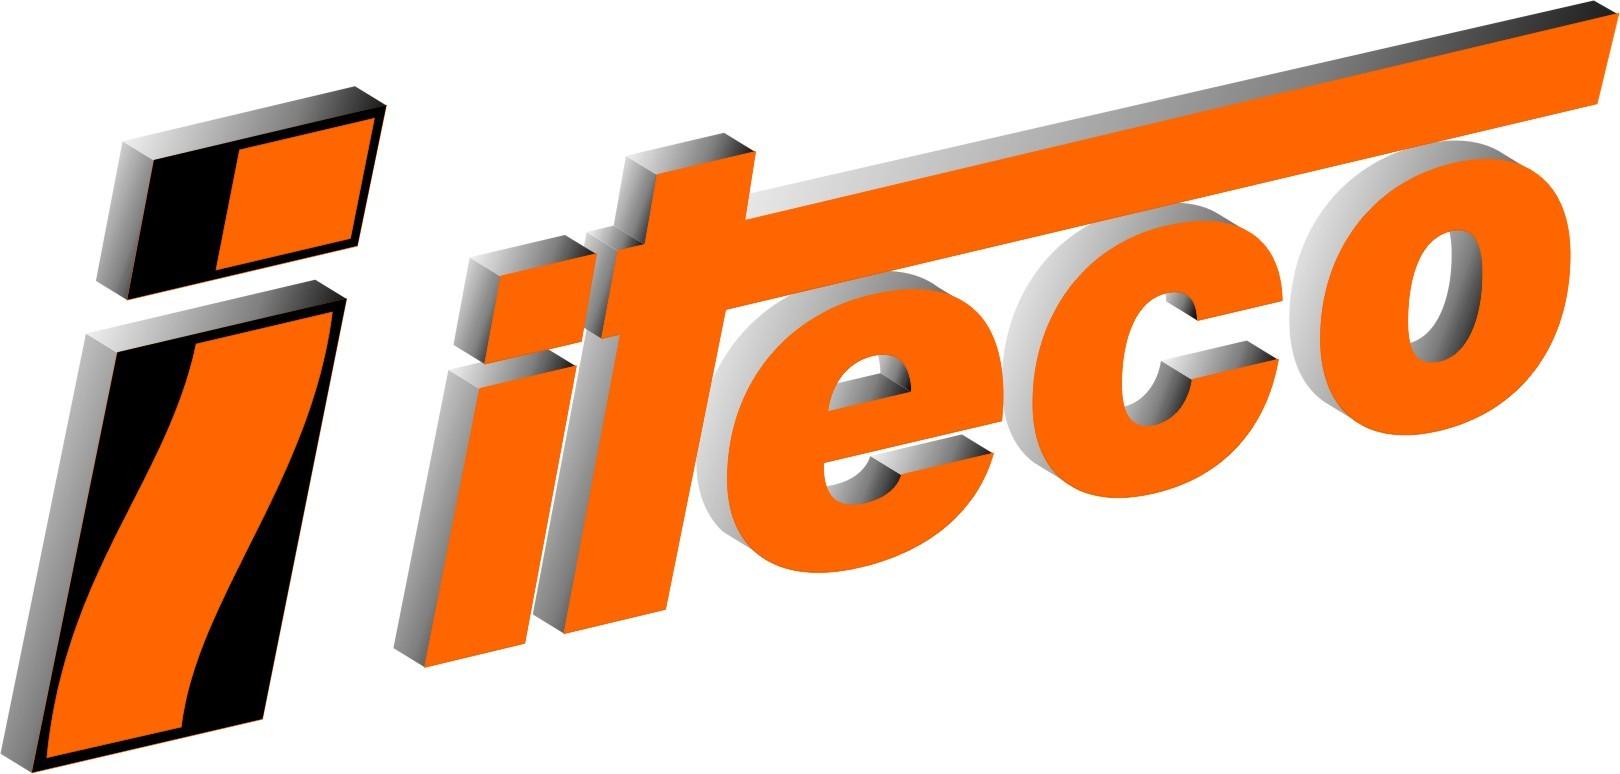 Iteco Trading